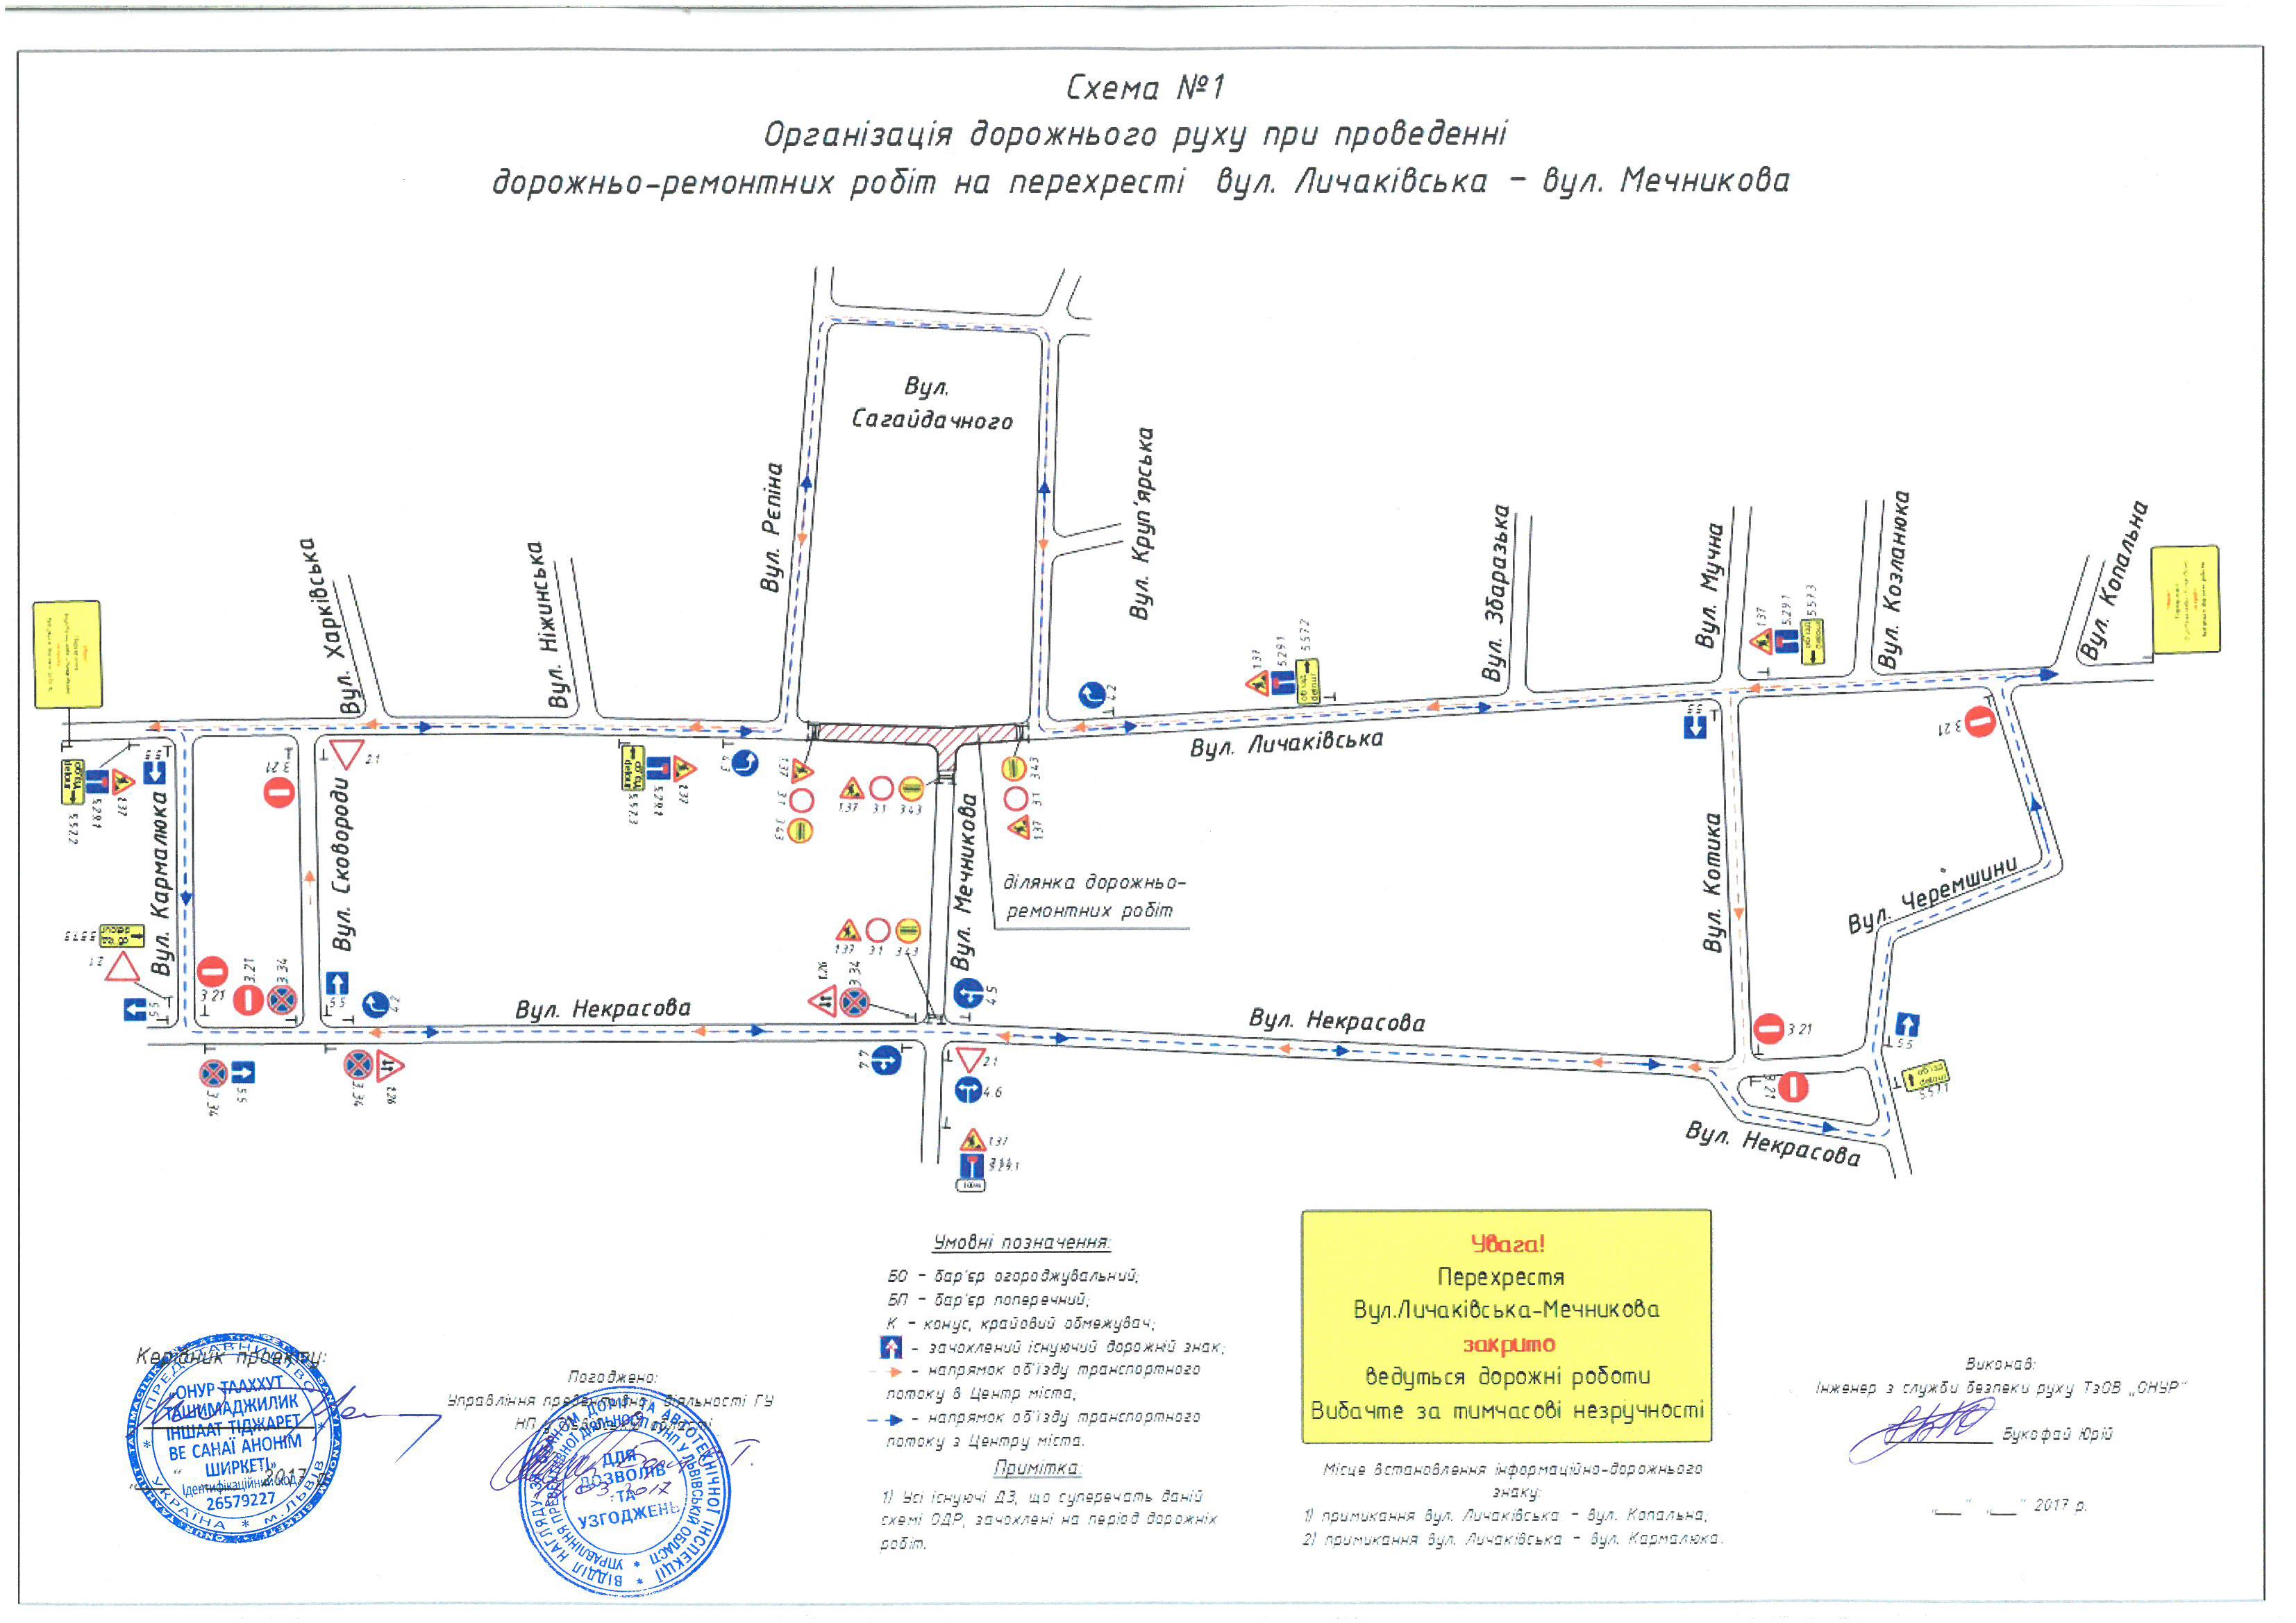 Схема об'їзду перехрестя вул. Личаківської та Мечникова на час реконструкції